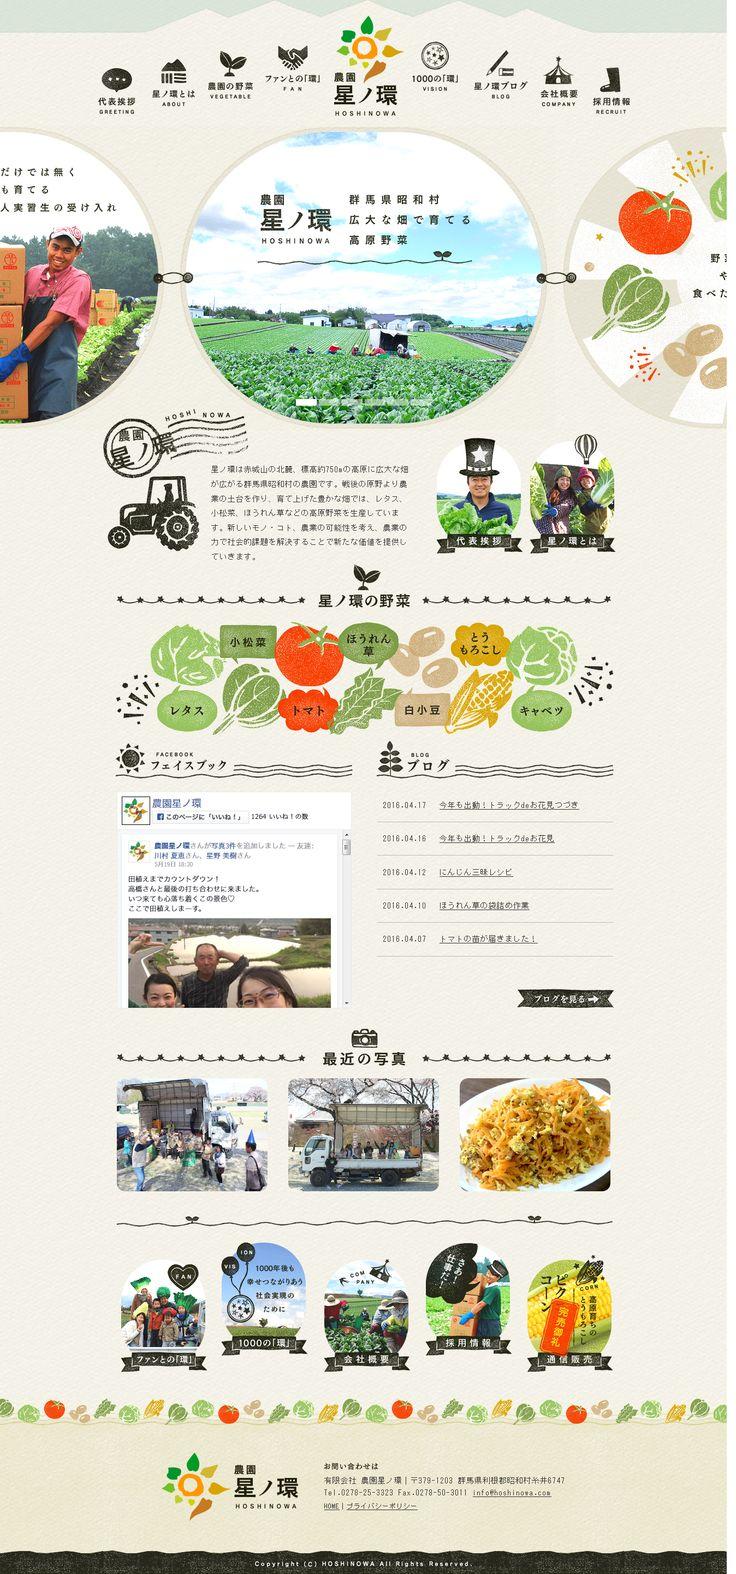 農園 星ノ環|群馬県昭和村の農園 http://hoshinowa.com/